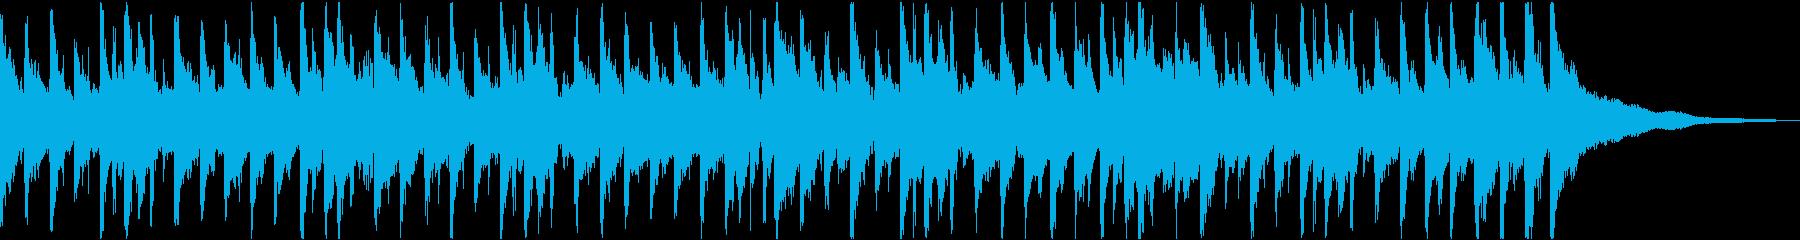 告知やCMなどに使える明るく爽やかな曲の再生済みの波形